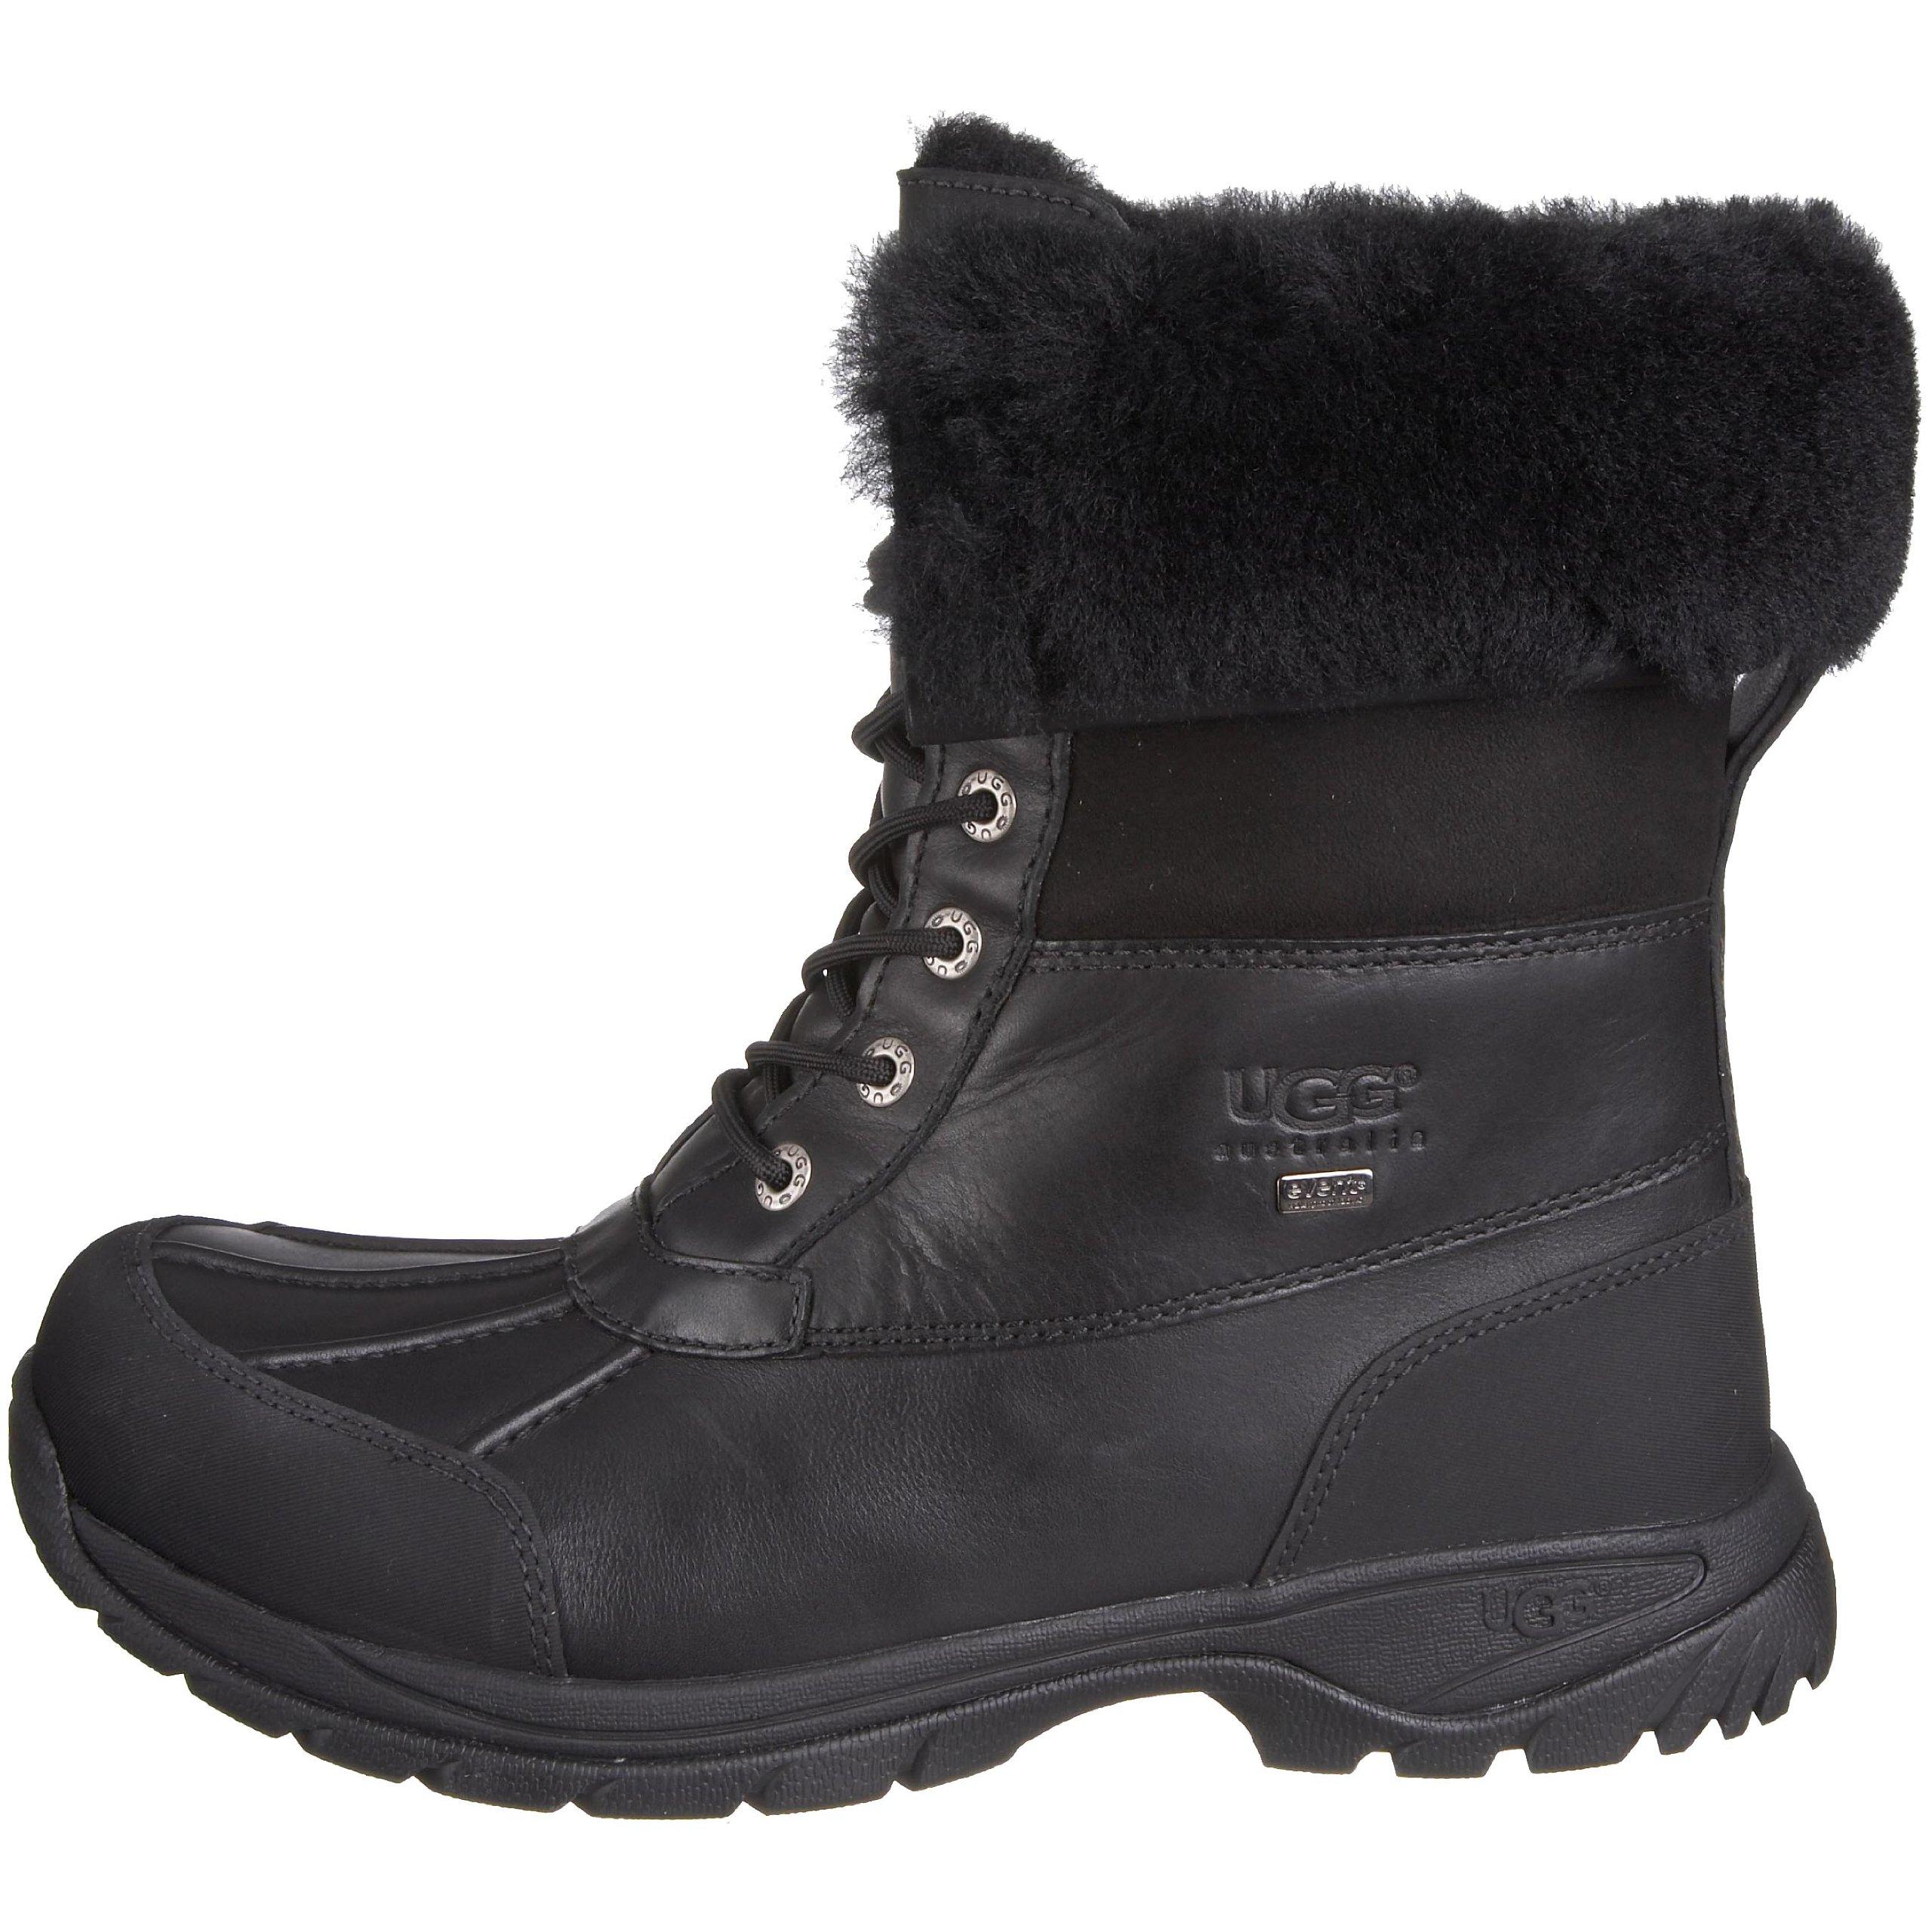 UGG Men's Butte Snow Boot, Black, 11 M US by UGG (Image #5)